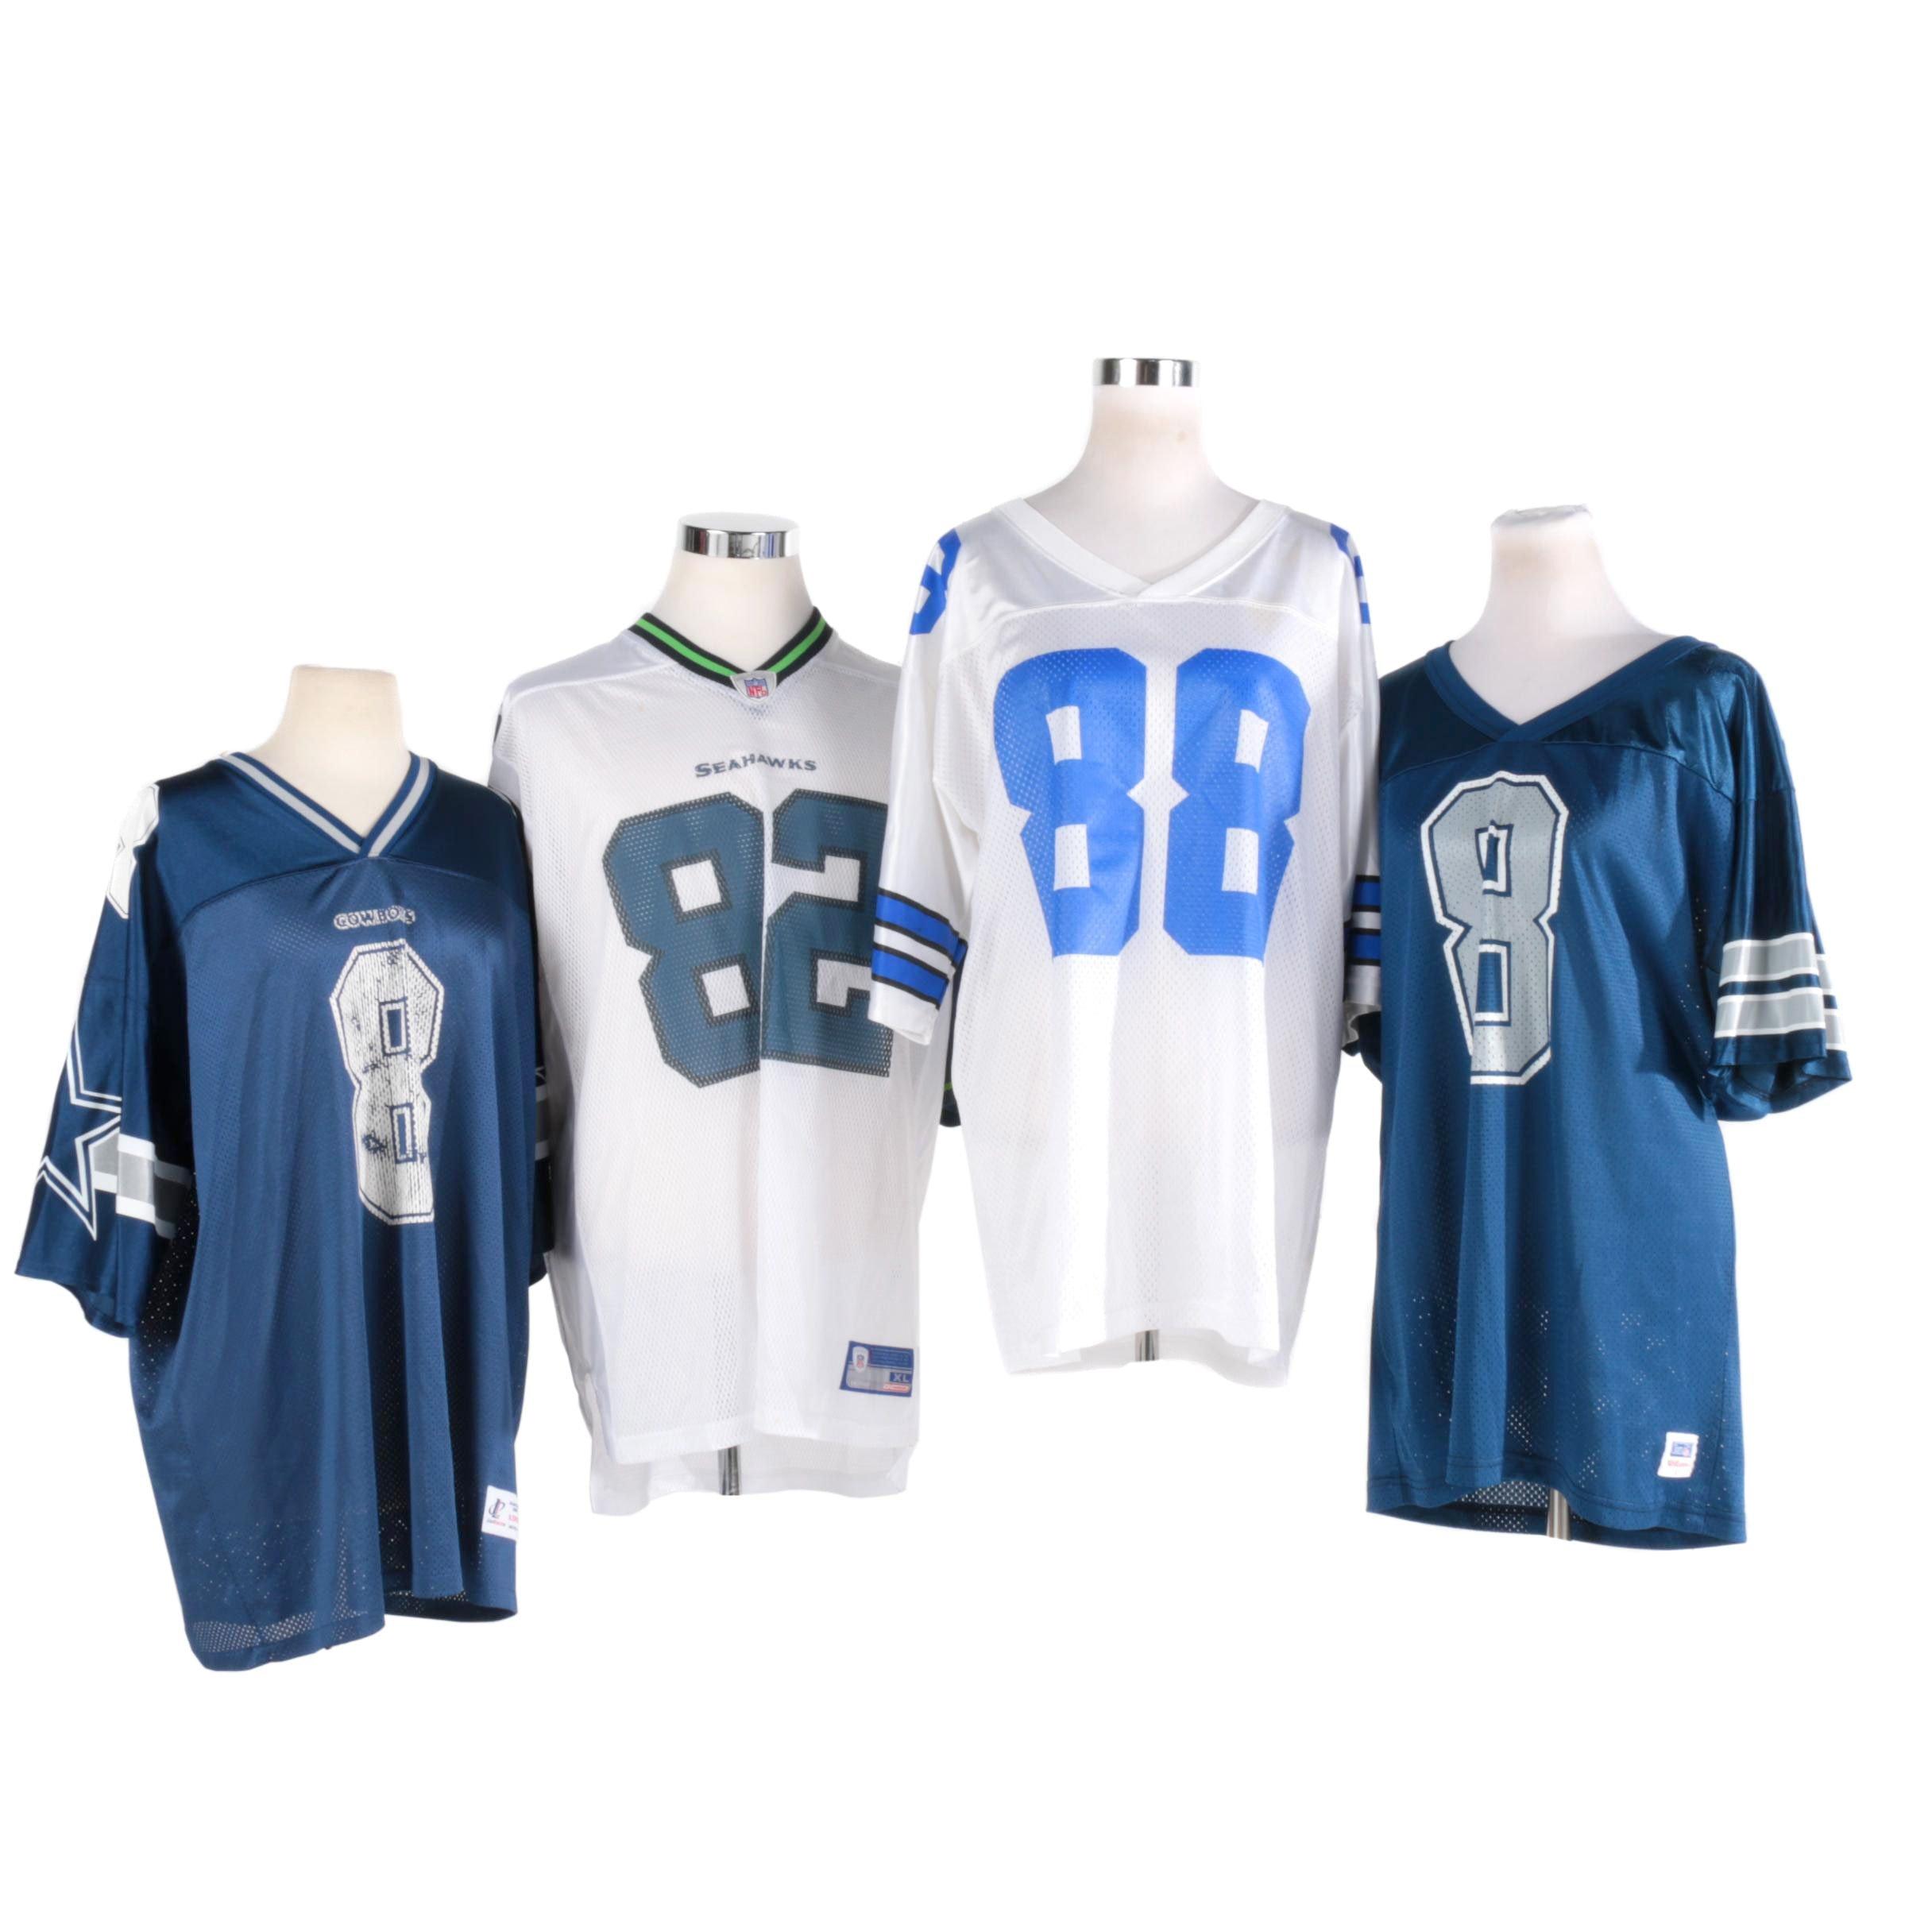 NFL Fan Jerseys Including Troy Aikman